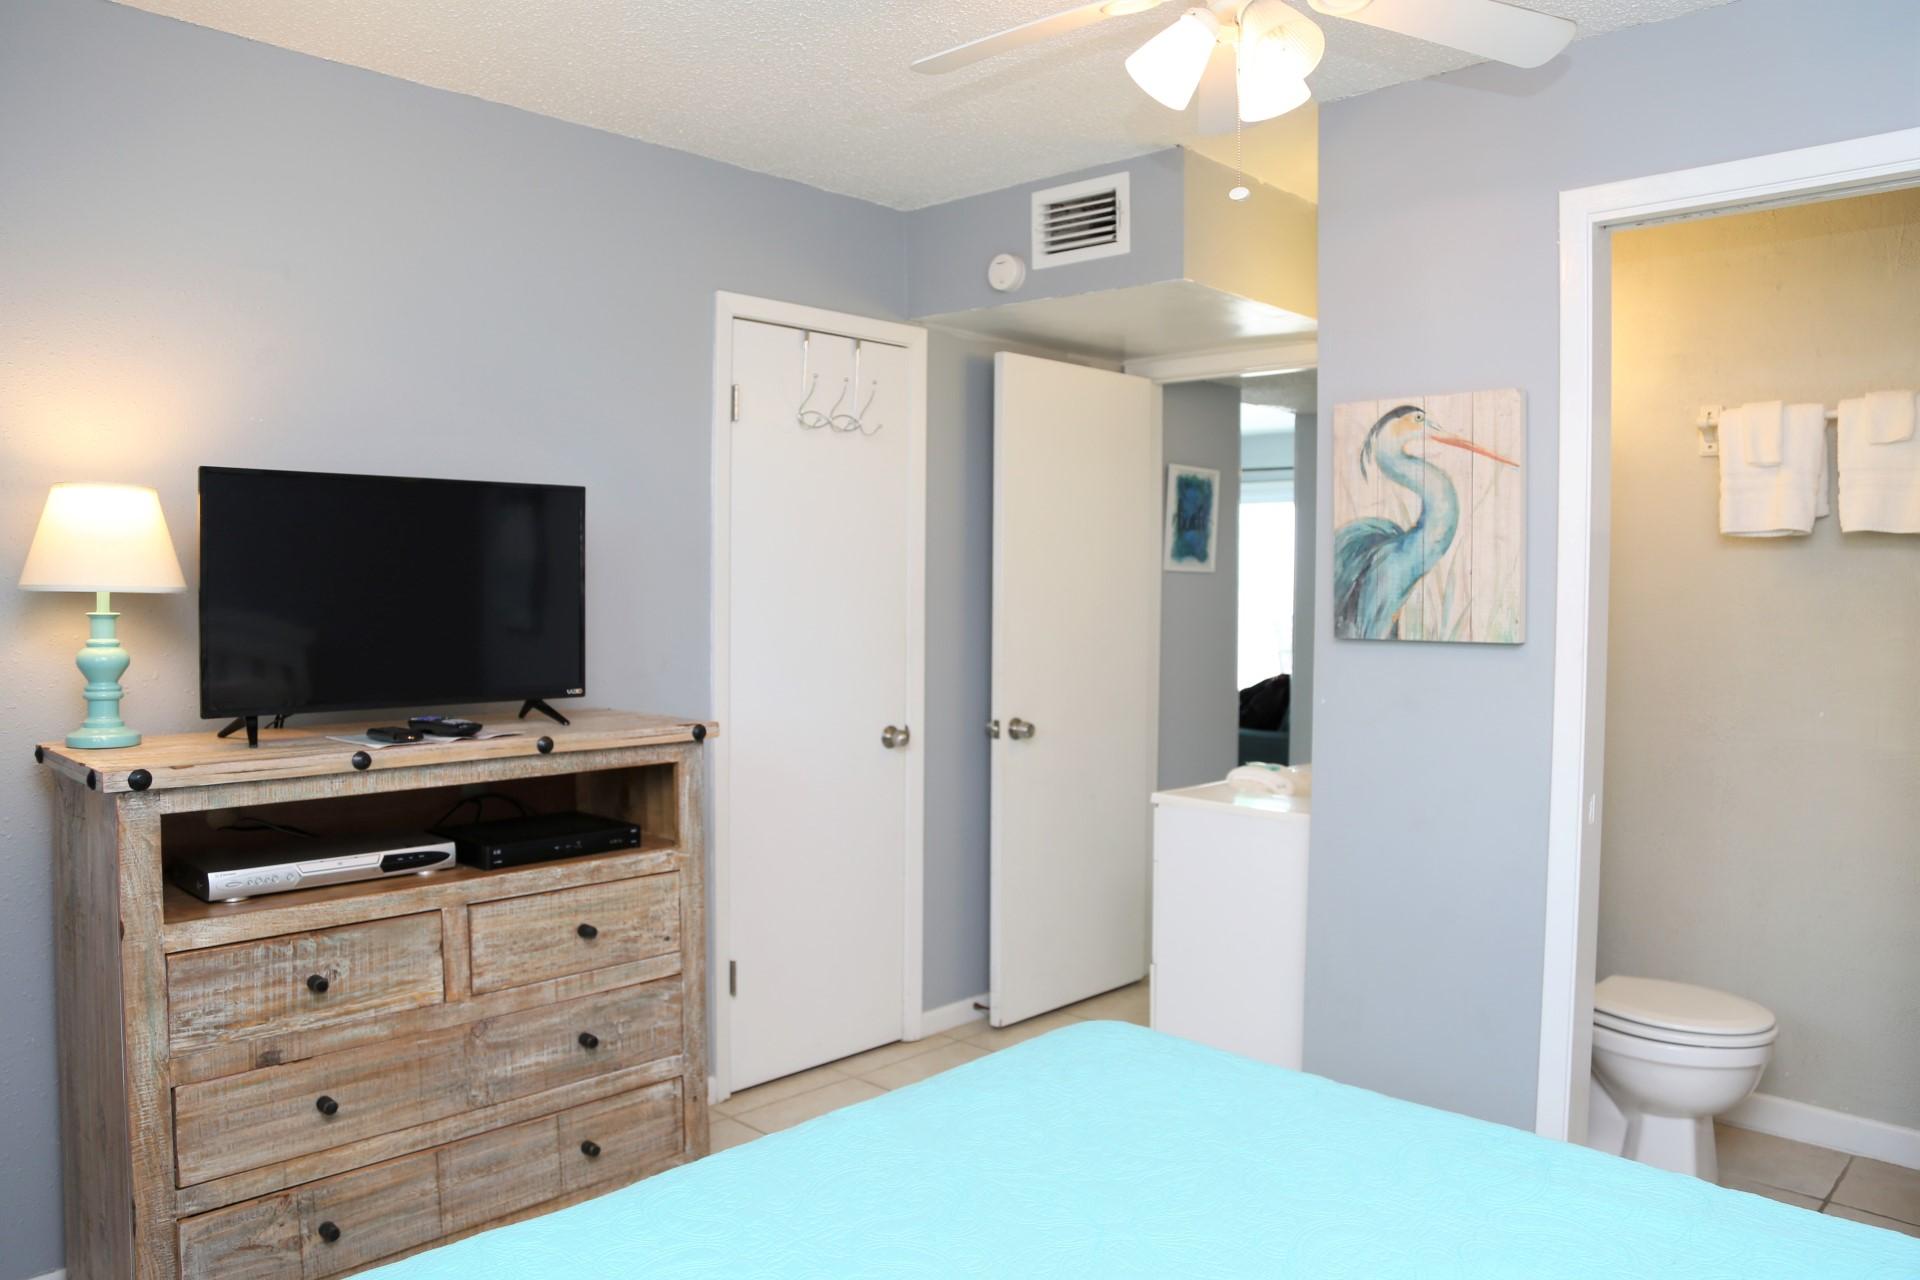 Harbor House B17 - Tv in queen bedroom